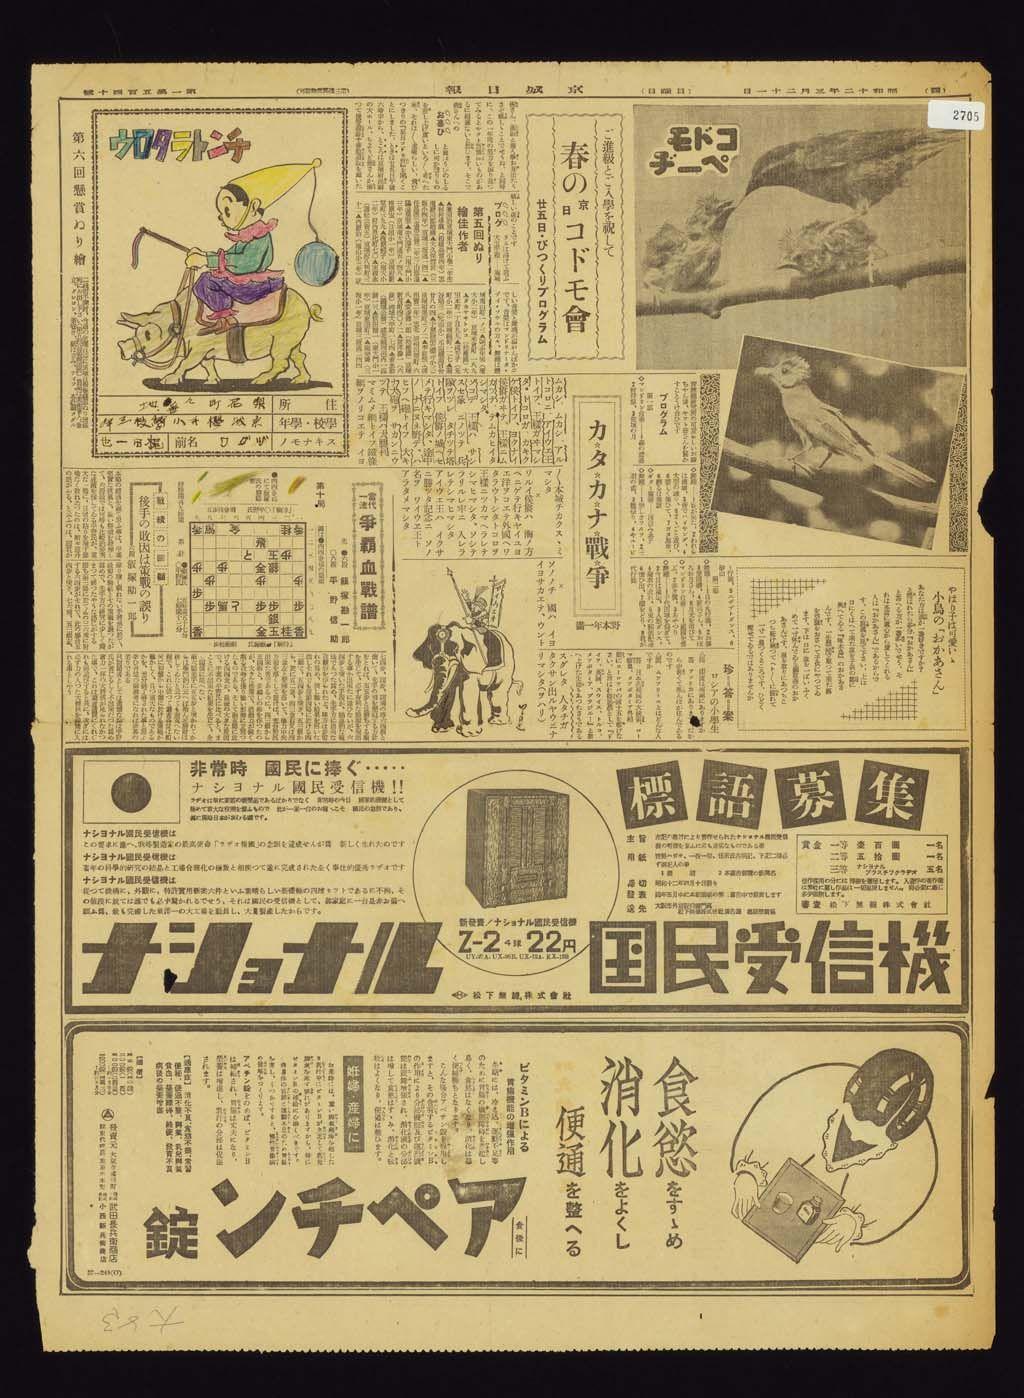 京城日報 第 10540 号、4 面、昭...